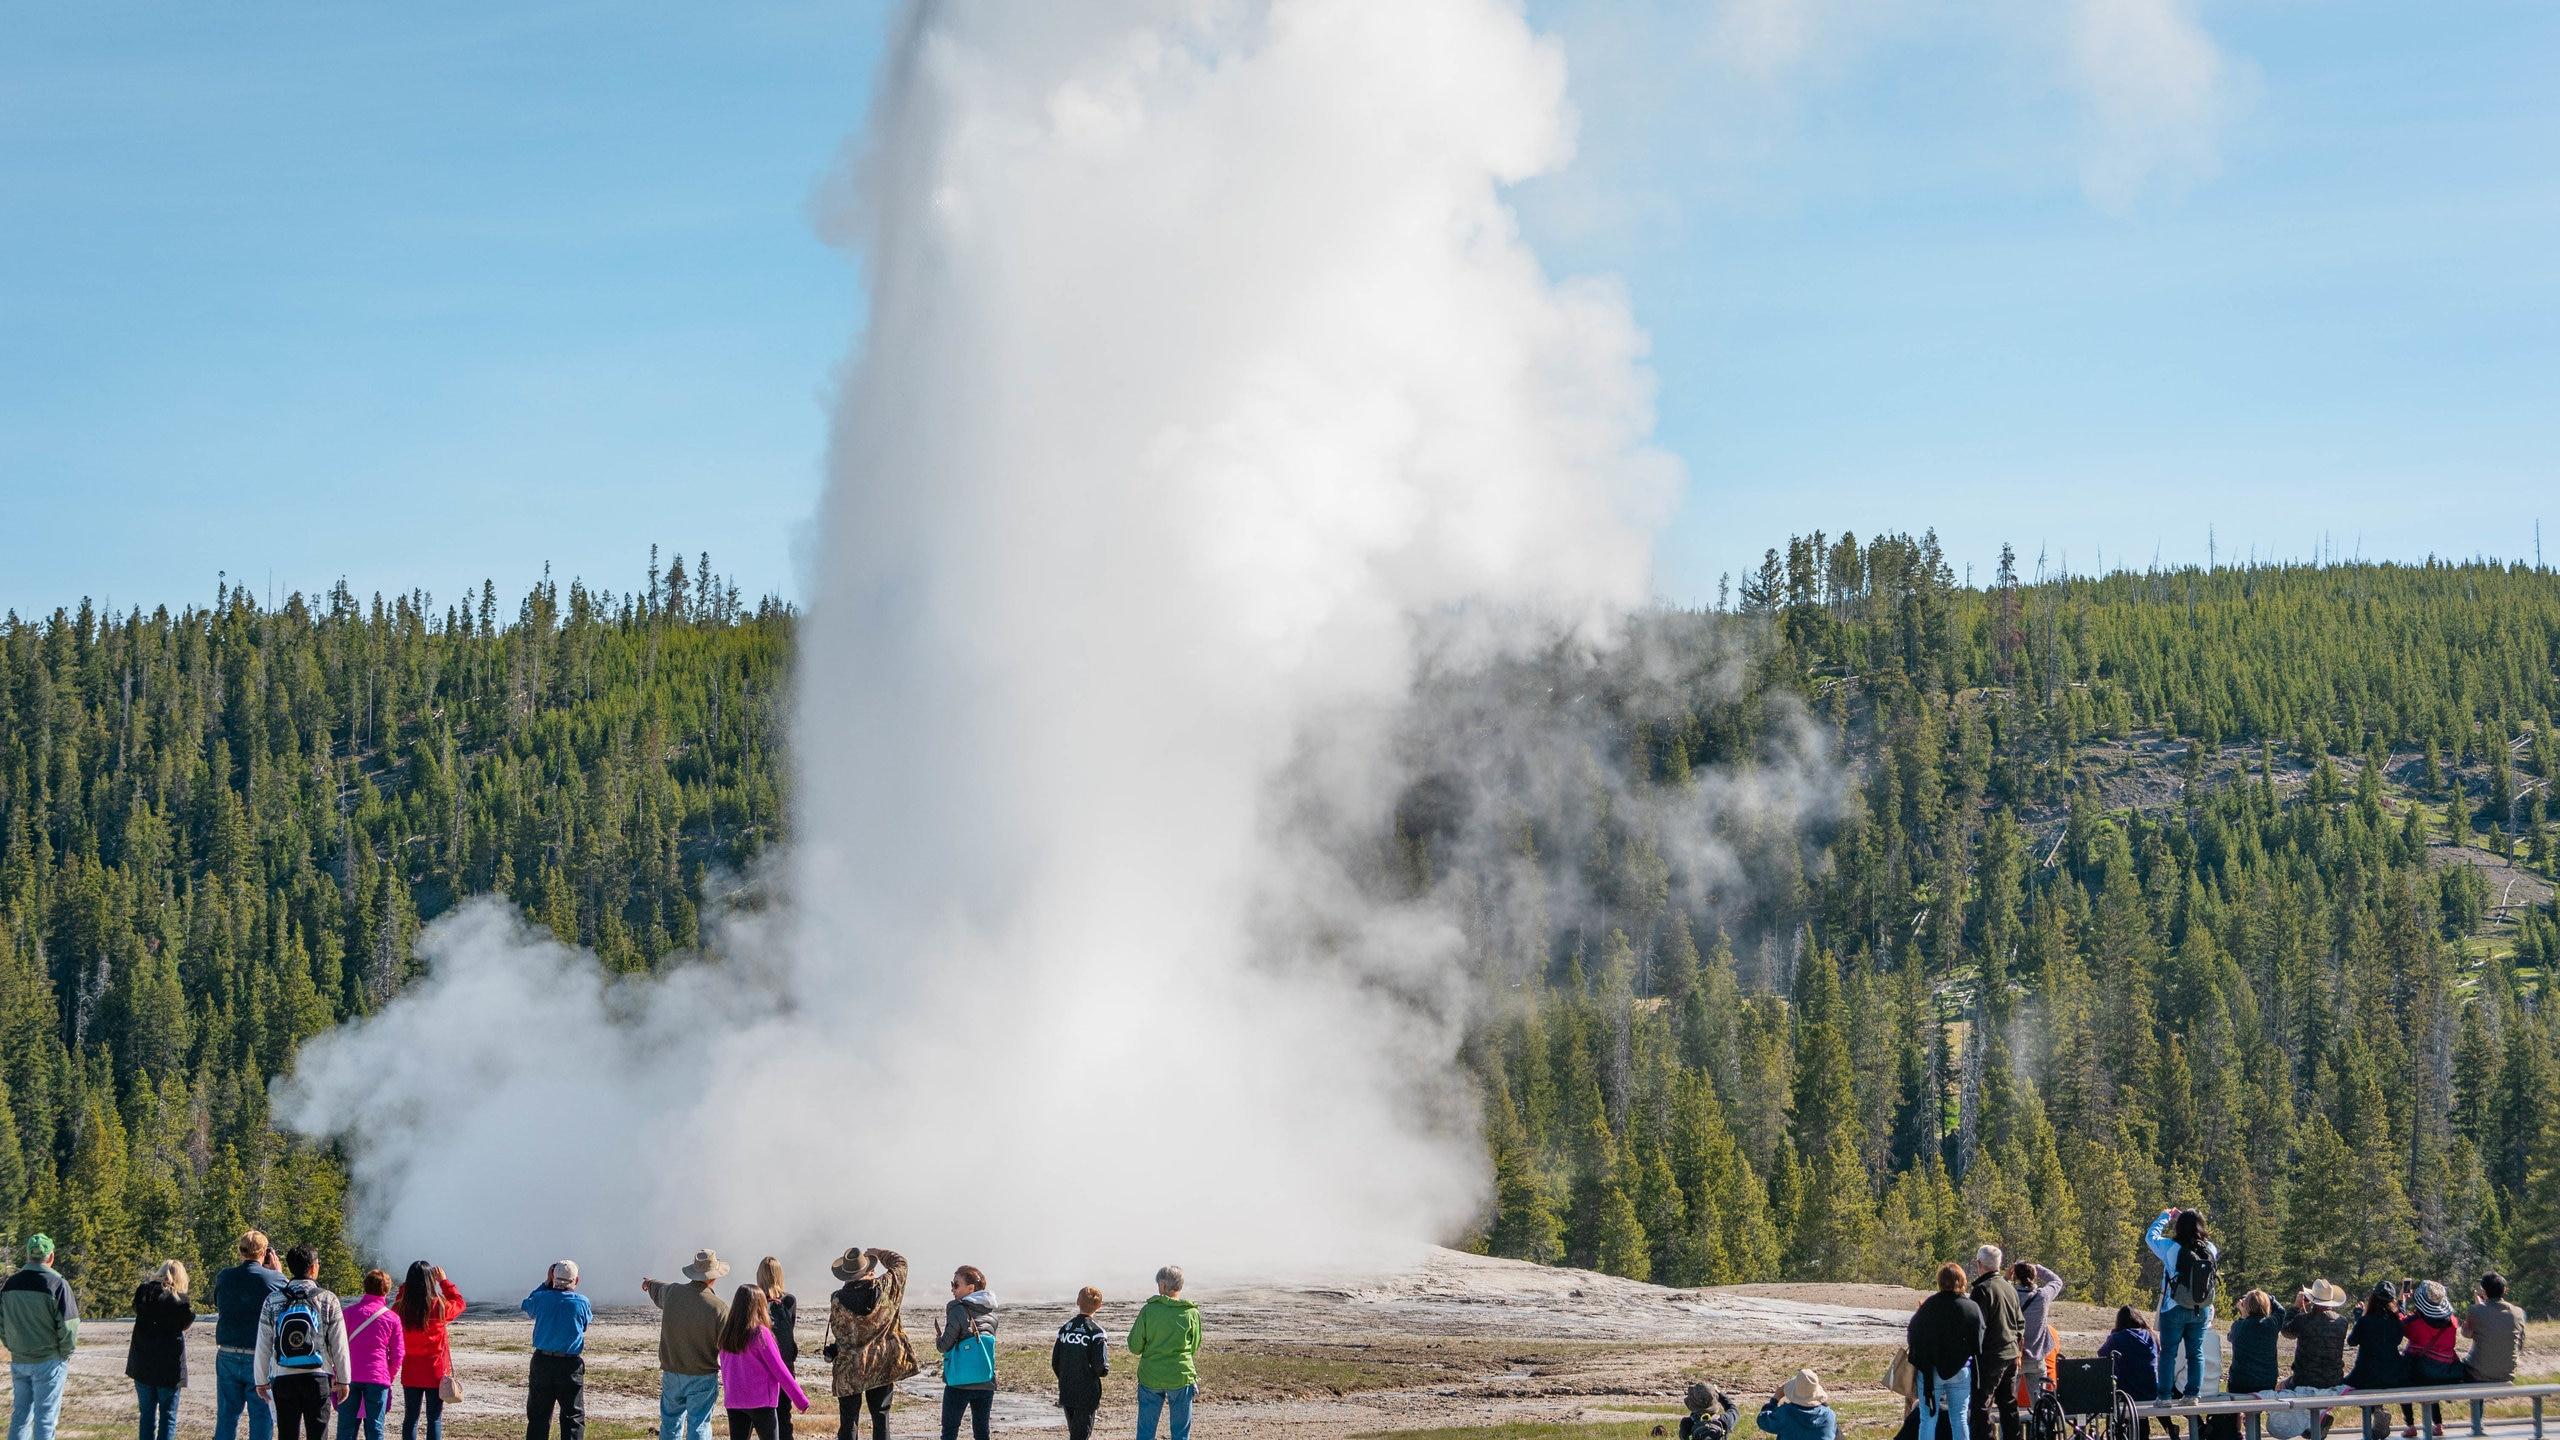 Werden Sie eins mit der Natur und erkunden Sie die reizvolle Umgebung von Old Faithful während Ihres Urlaubs in Yellowstone Nationalpark. Machen Sie einen Spaziergang im Park oder entdecken Sie die Gletscher in der Gegend.